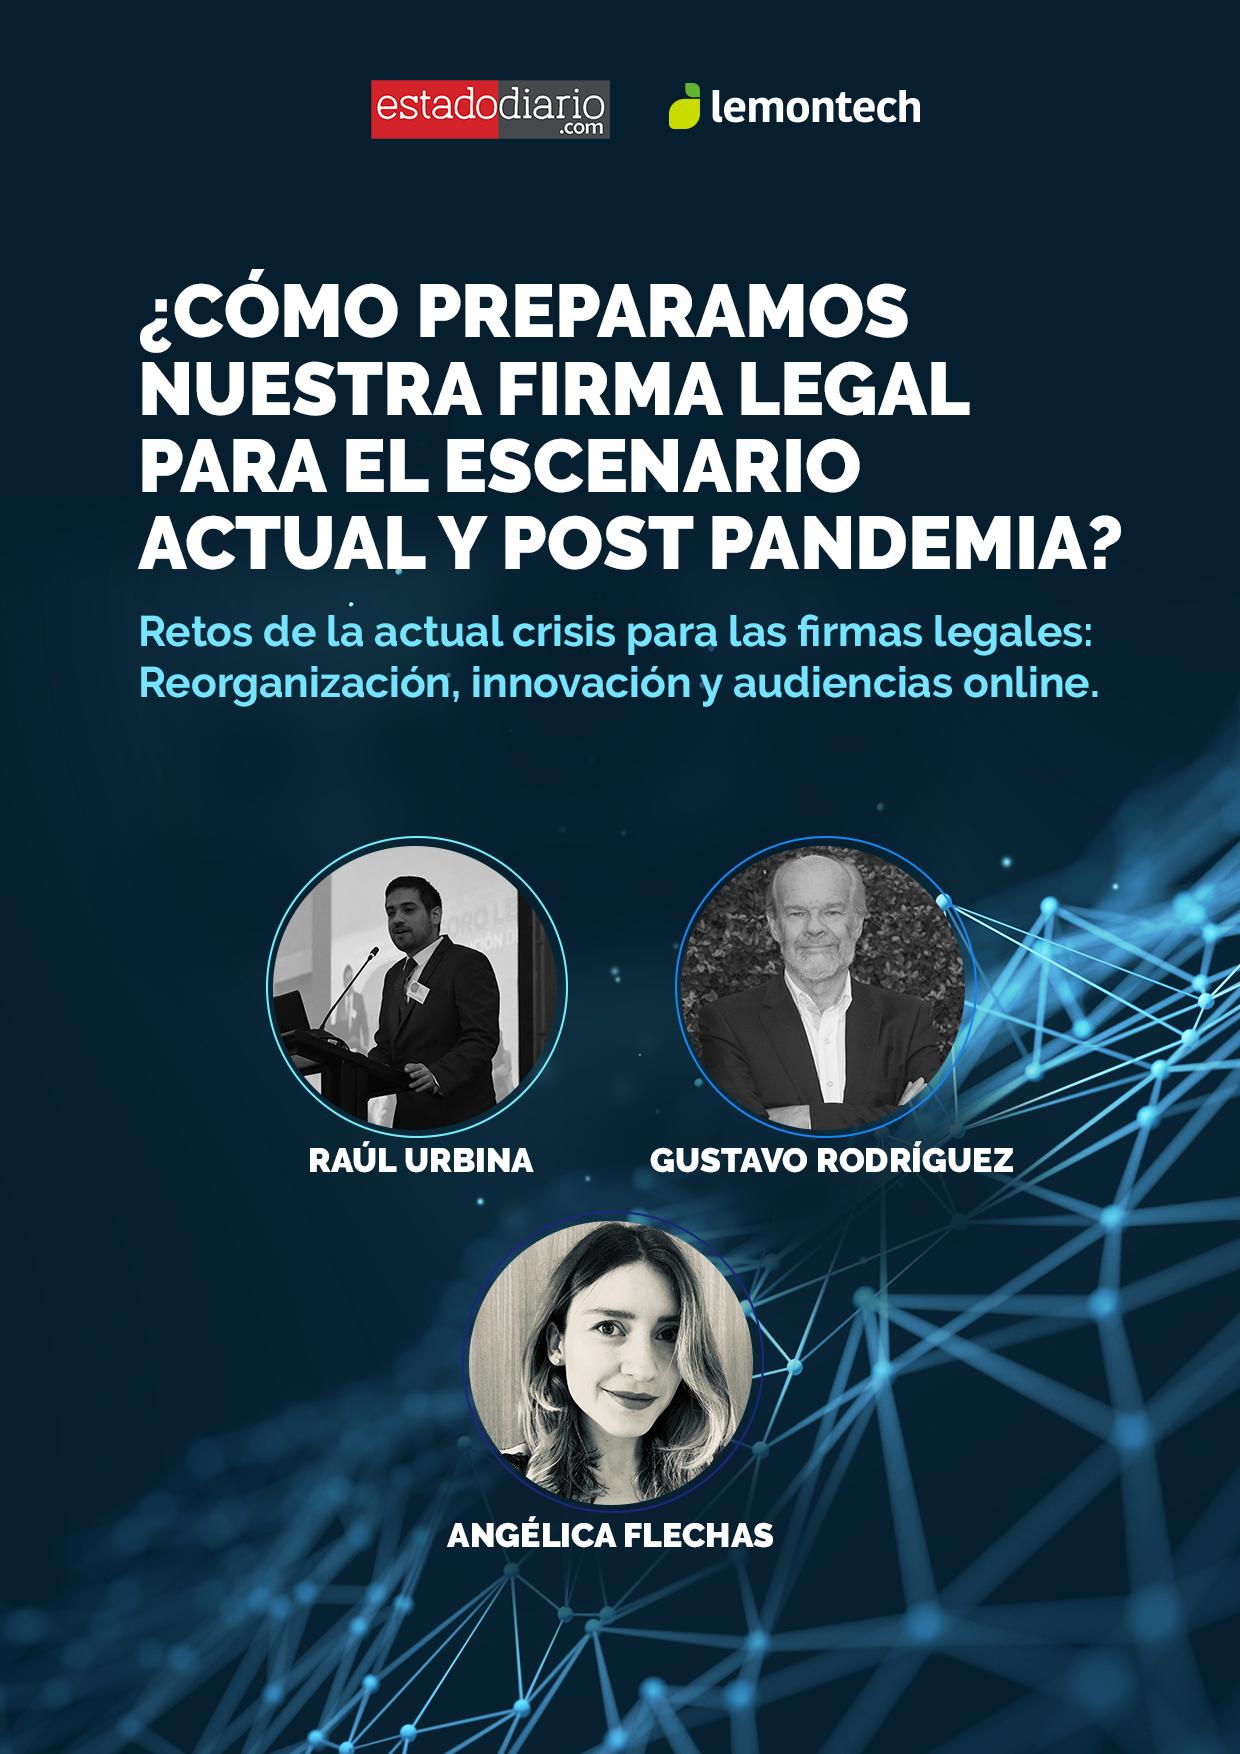 Webinar EstadoDiario